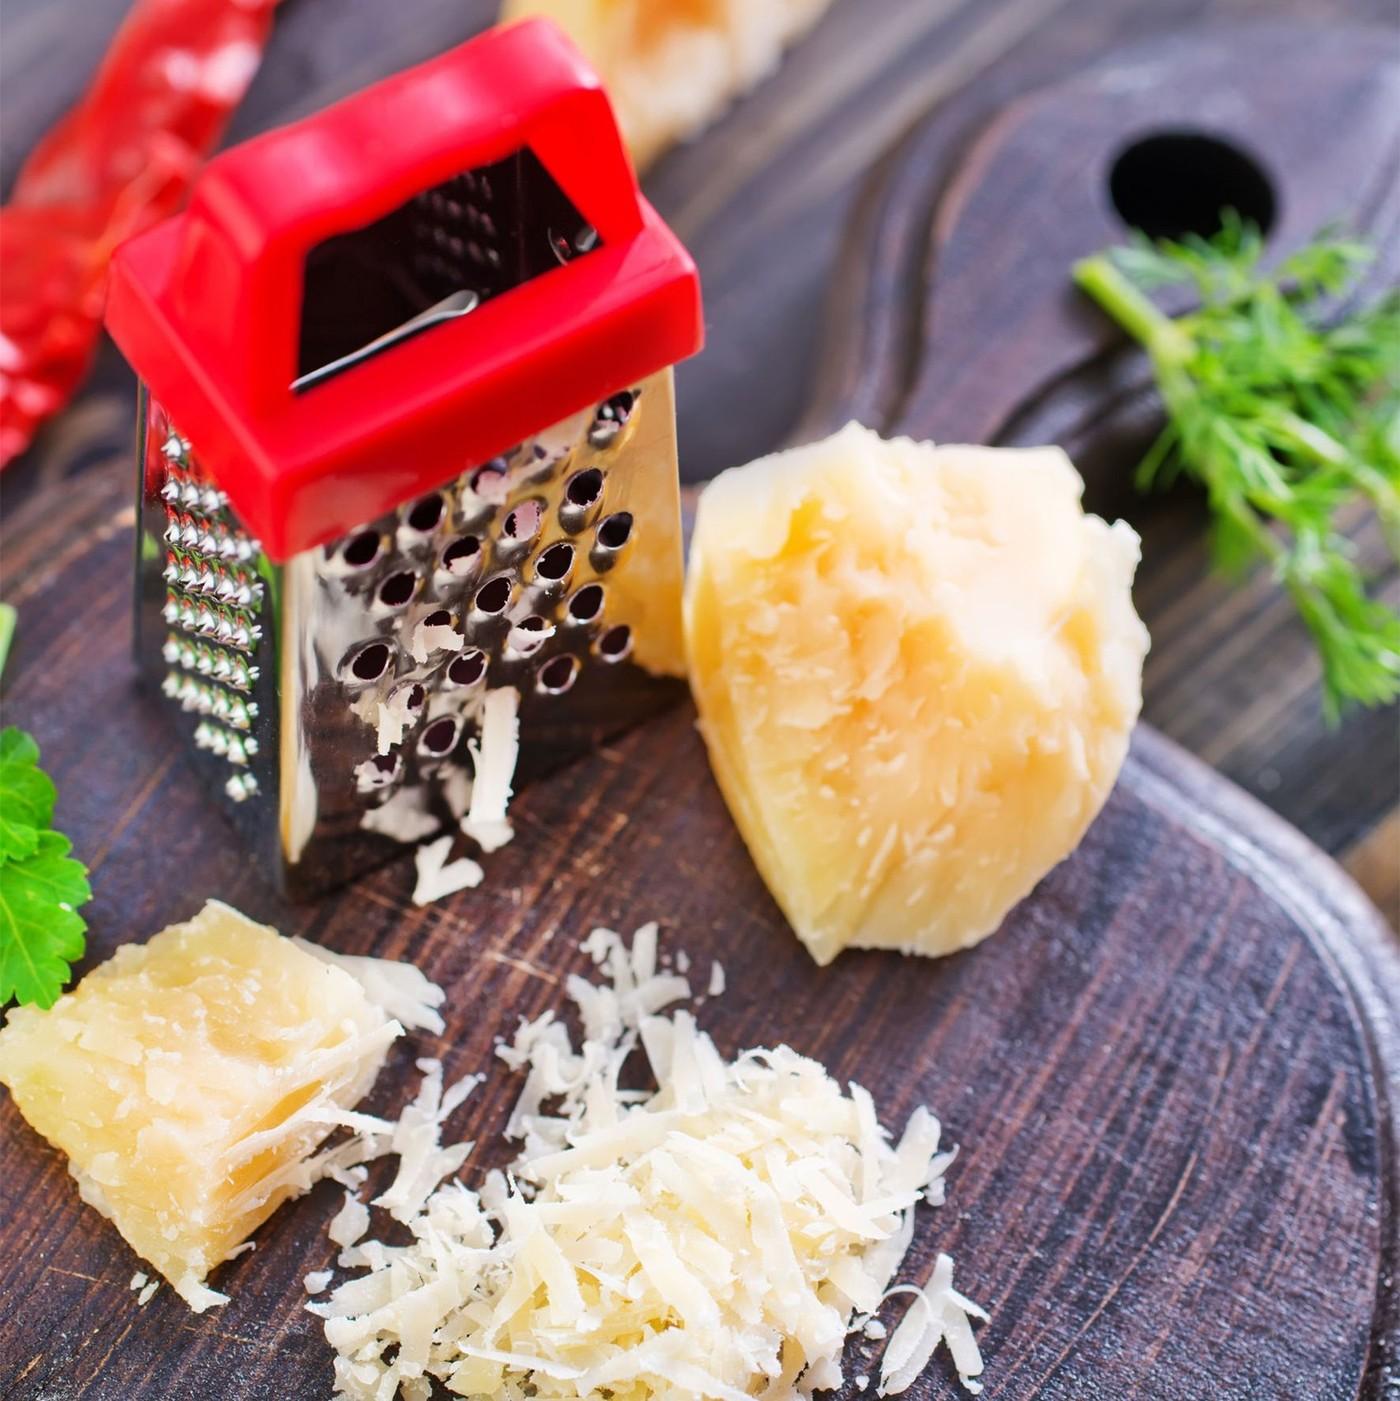 receta de Parmigiano Reggiano 22/23 Mesi 1/2 Forma